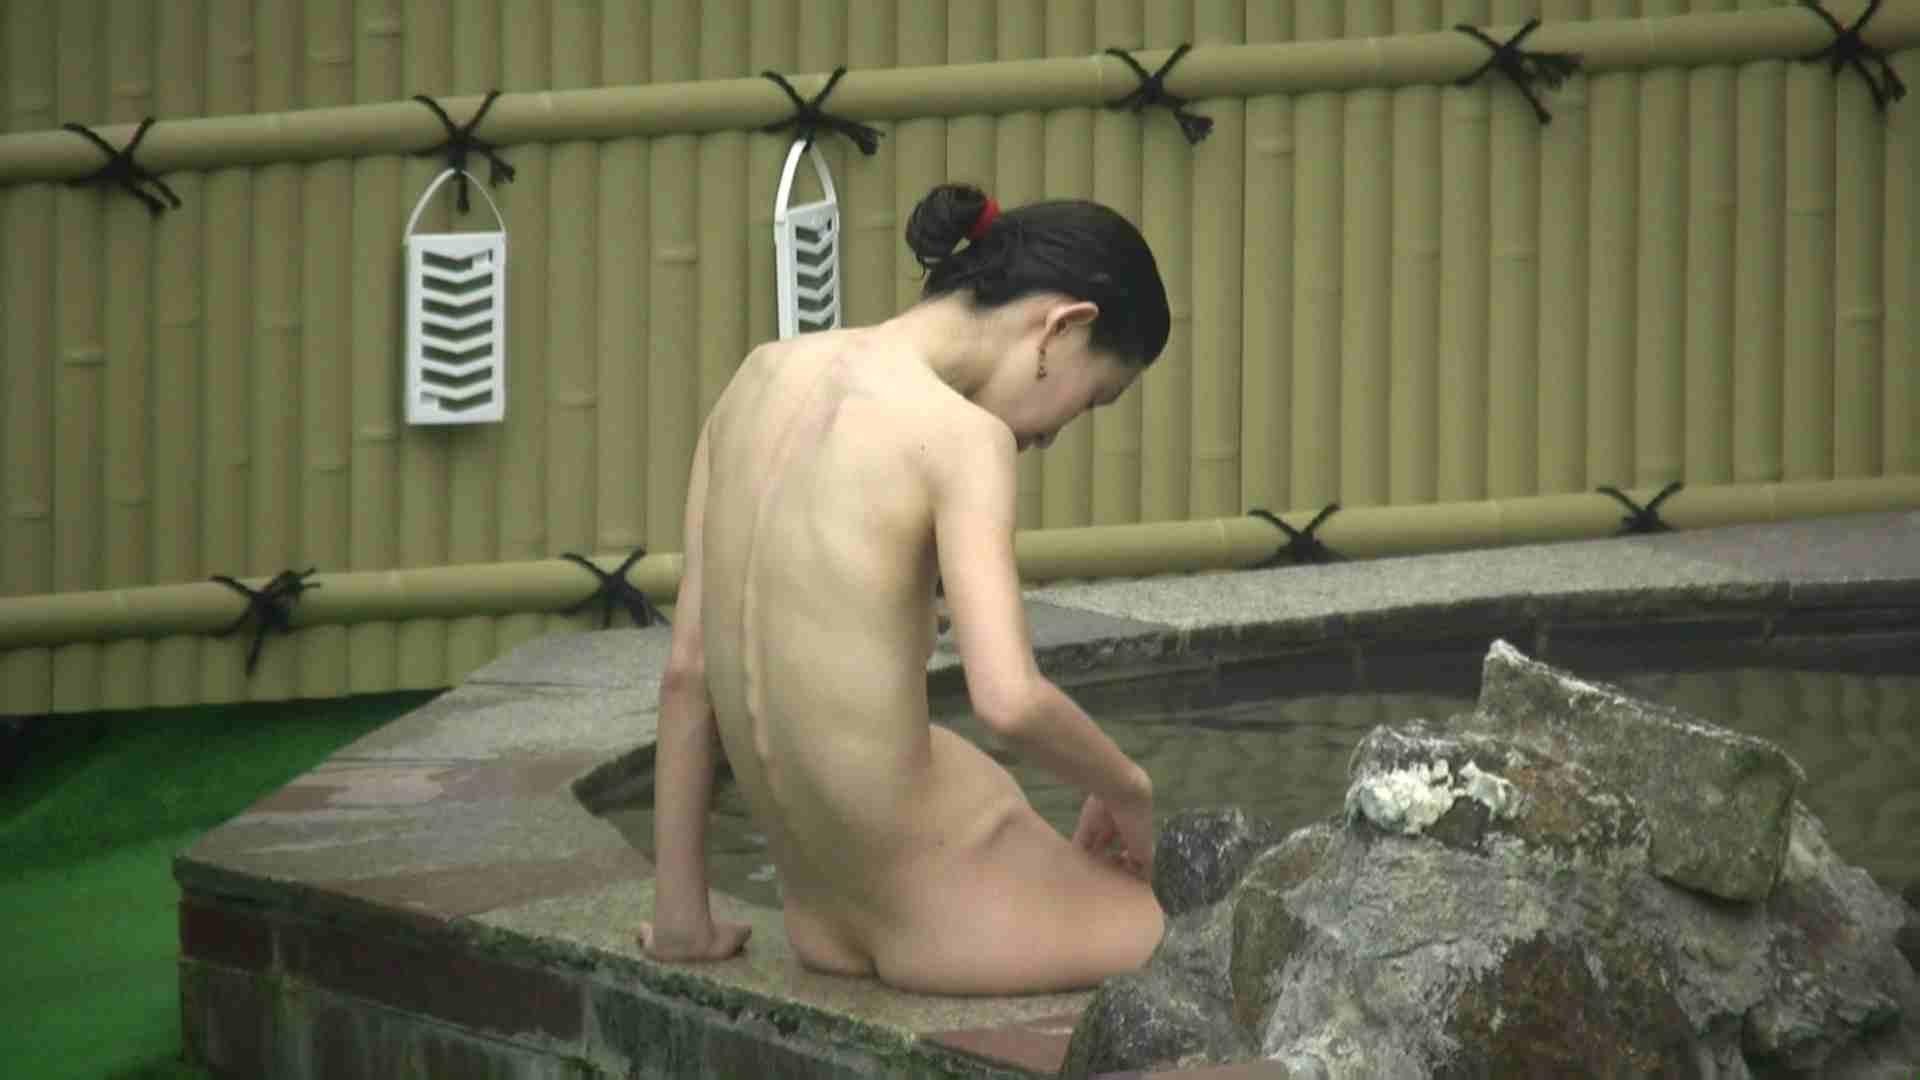 高画質露天女風呂観察 vol.031 乙女のエロ動画 性交動画流出 104PIX 57